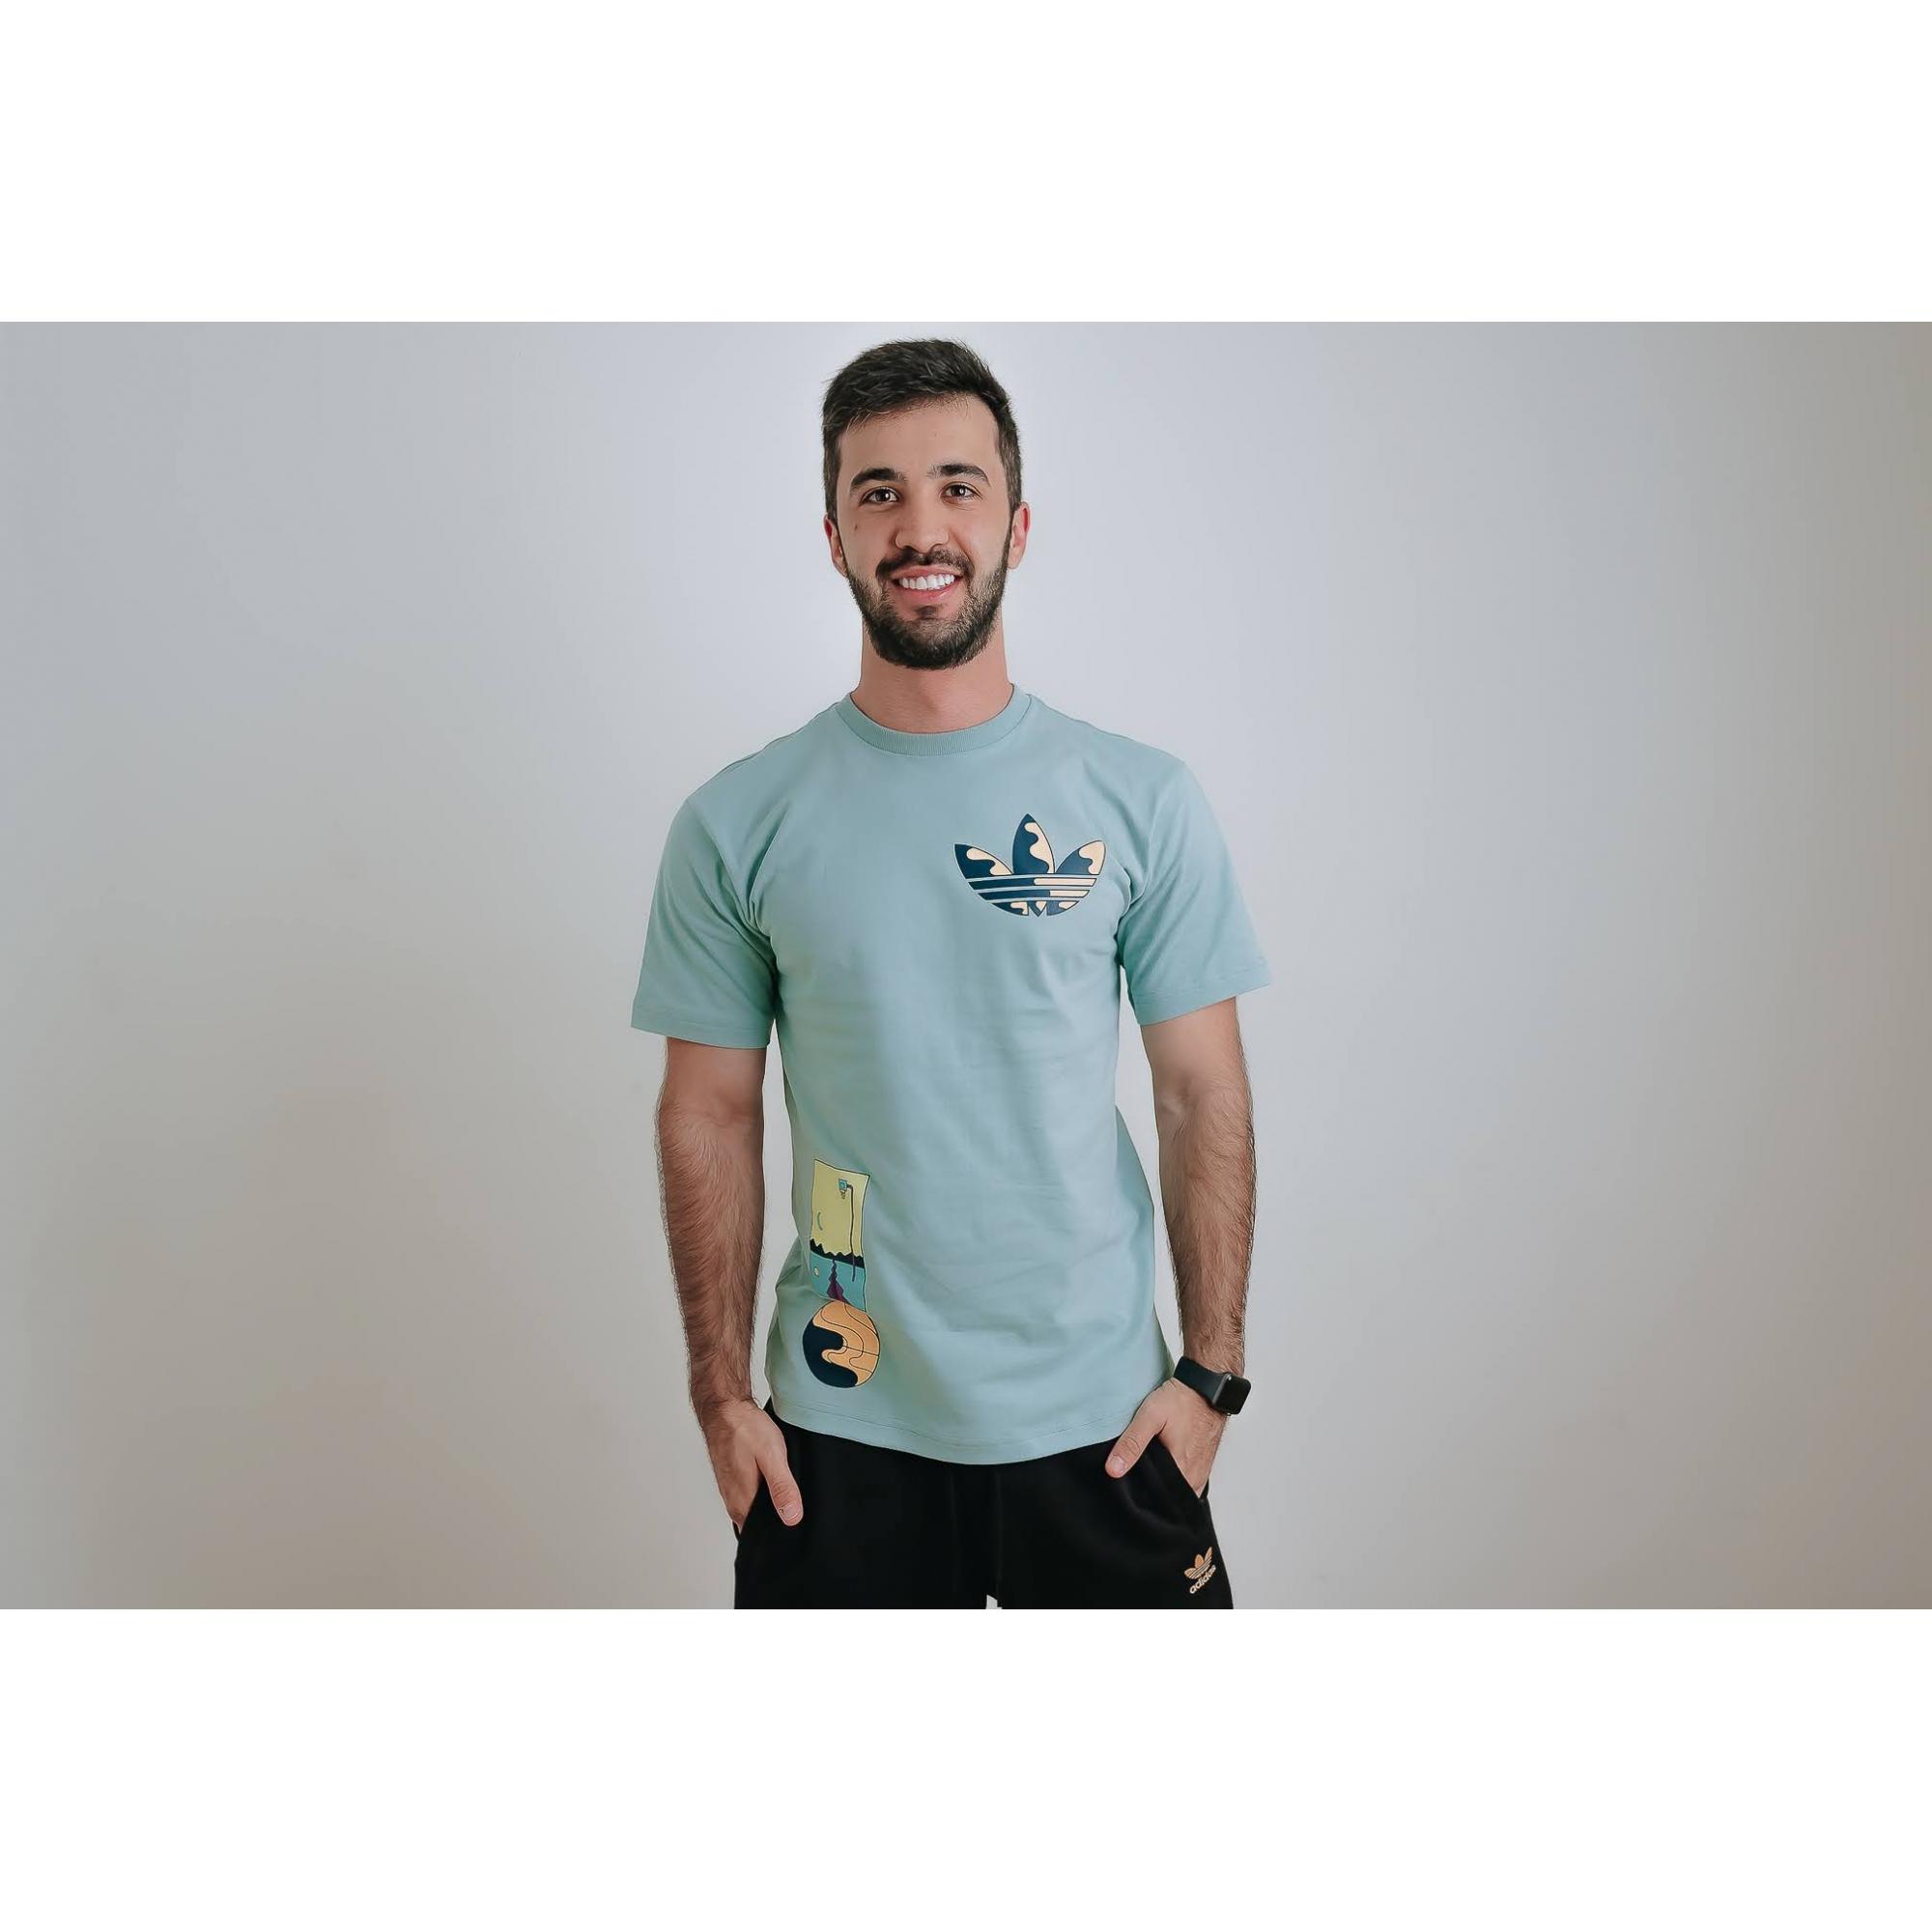 Camiseta Adidas Originals Surreal Sumer Verde